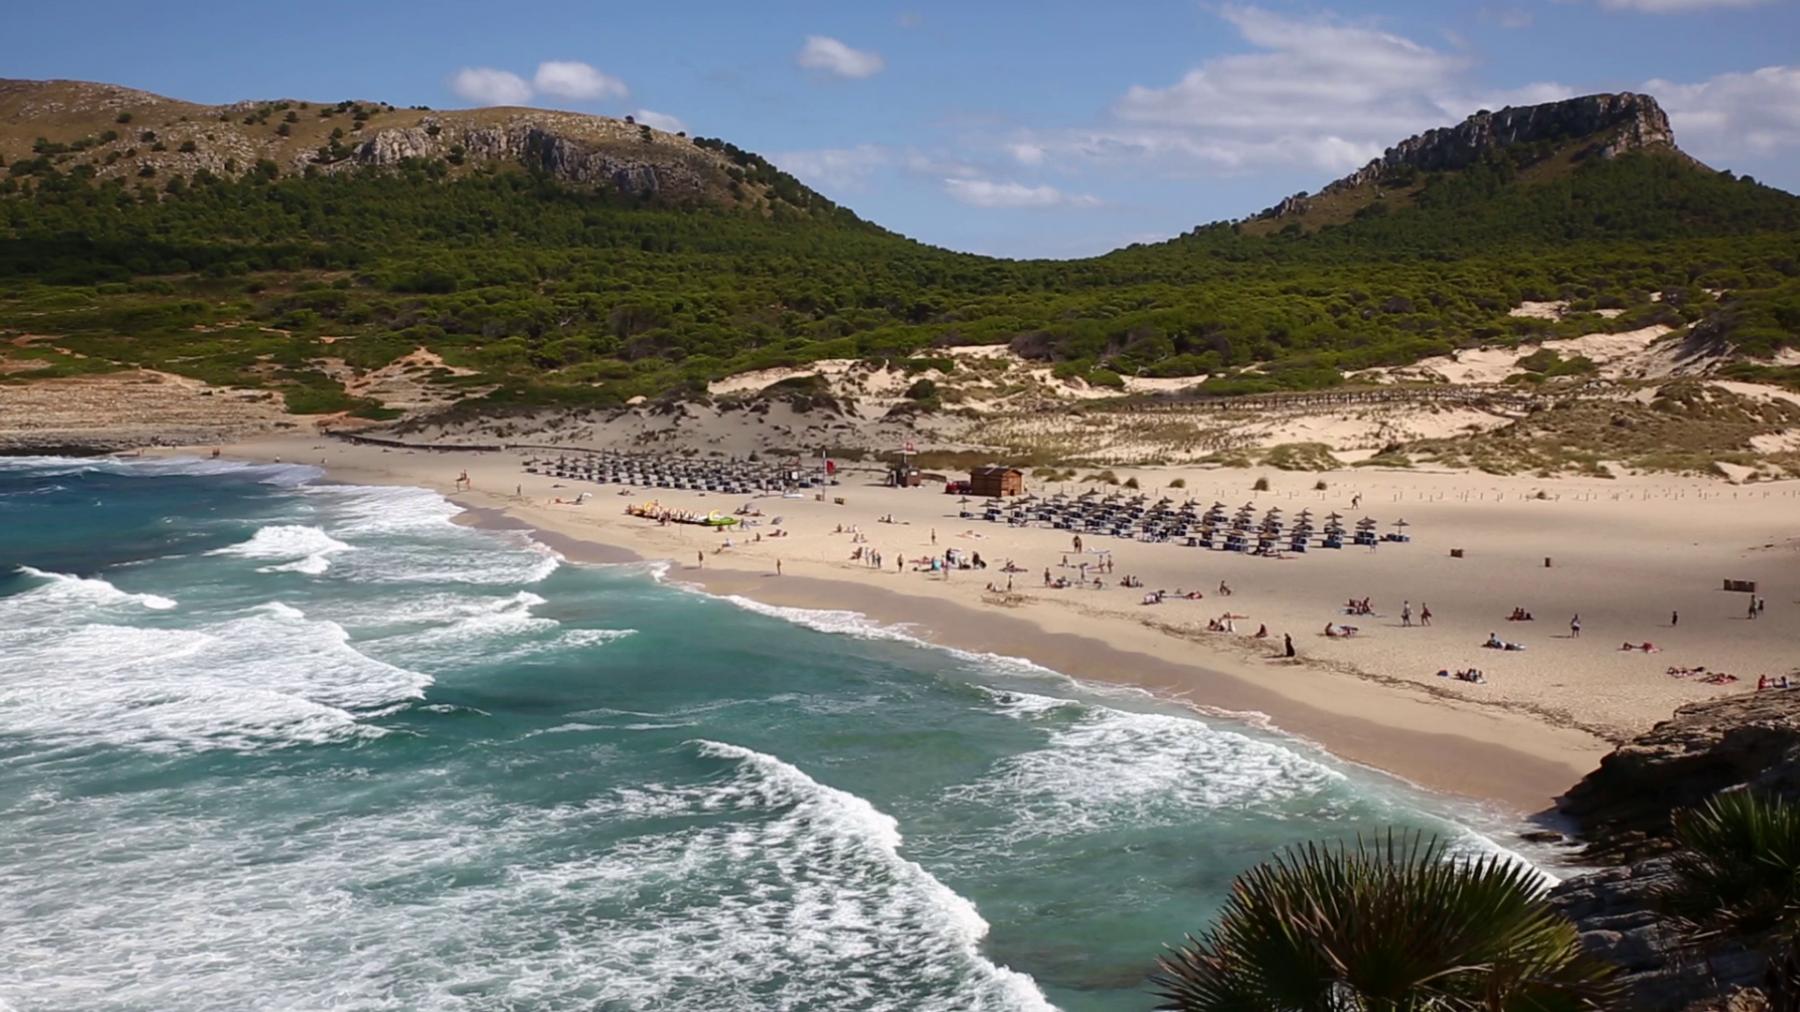 mejores playas de Mallorca guia de playas mallorca agulla mesquida